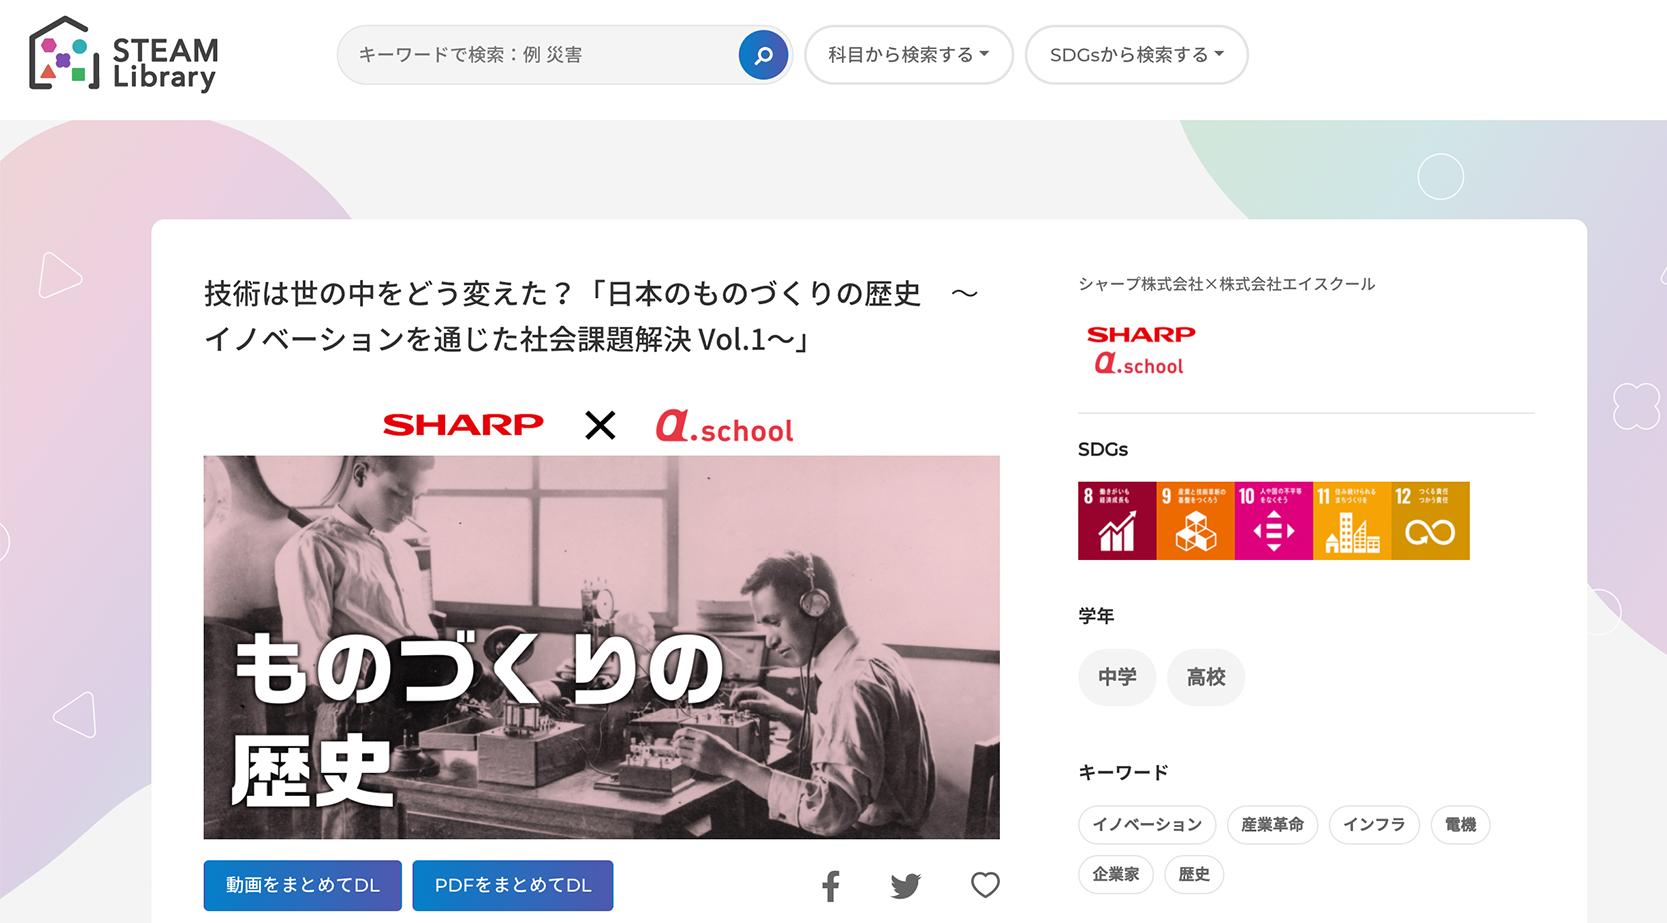 シャープとSTEAMコンテンツを共同開発(経産省「未来の教室」事業)のイメージ